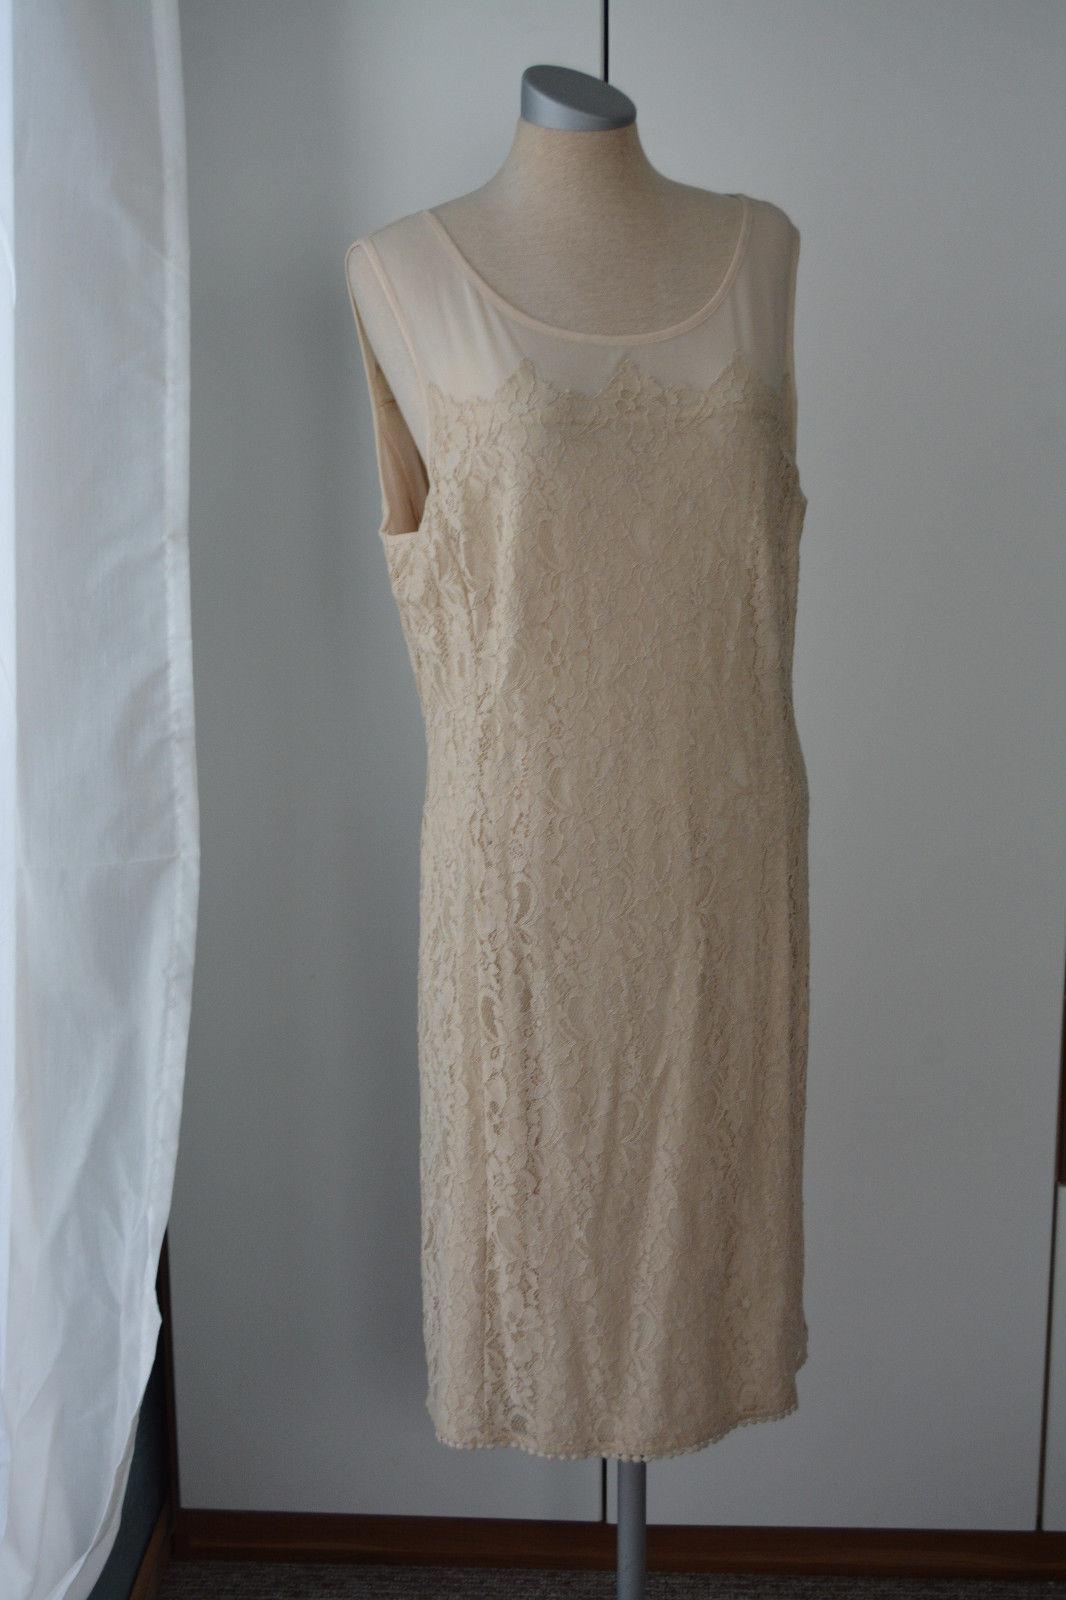 Kleid knielang Taifun Gr. 40 creme Spitze neu mit Etikett Sommerkleid festlich